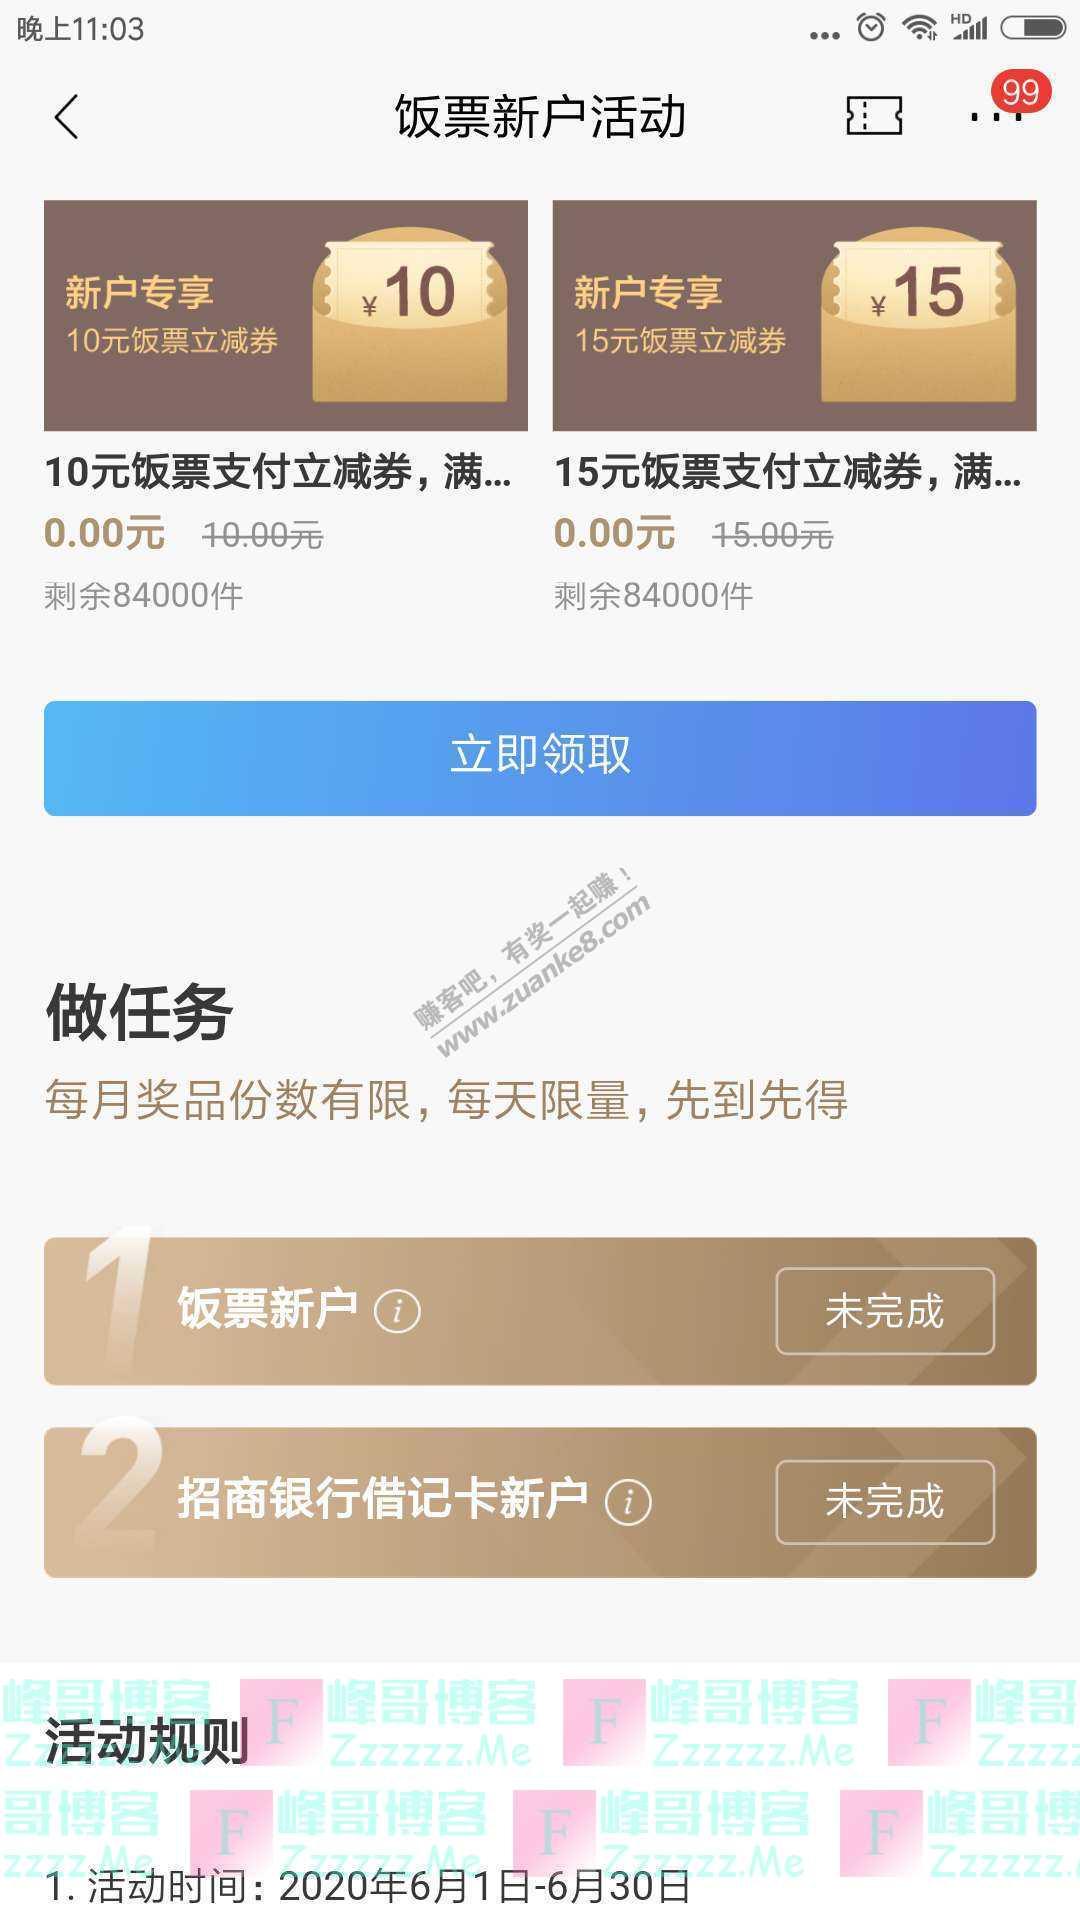 招行6月新户领10元无门槛饭票(截止6月30日)